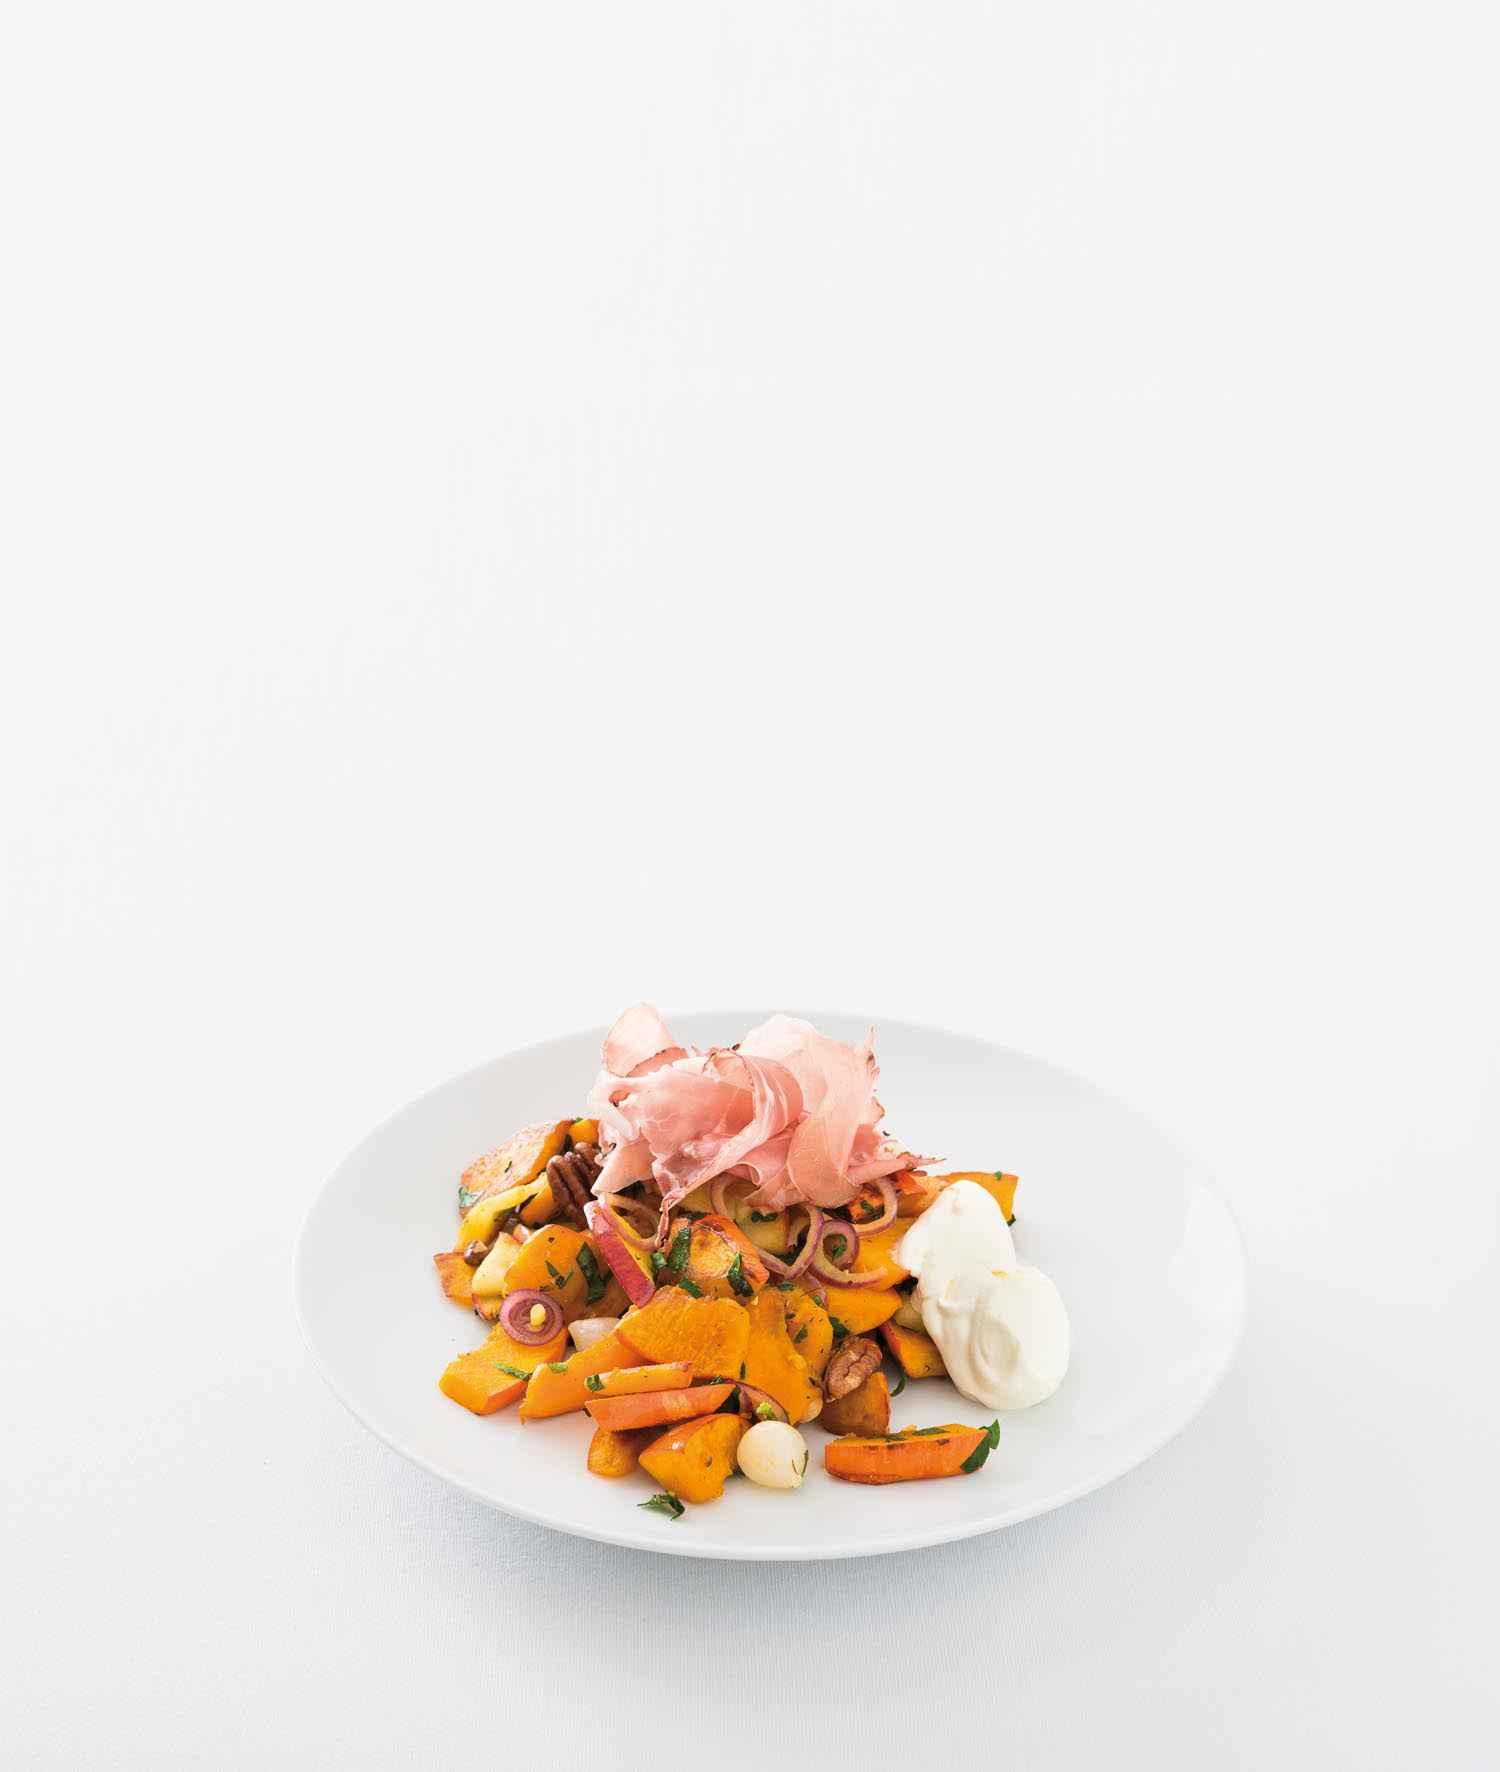 Kürbis-»Bratkartoffeln« mit Apfel, Perlzwiebeln, Pekannüssen und rohem Schinken